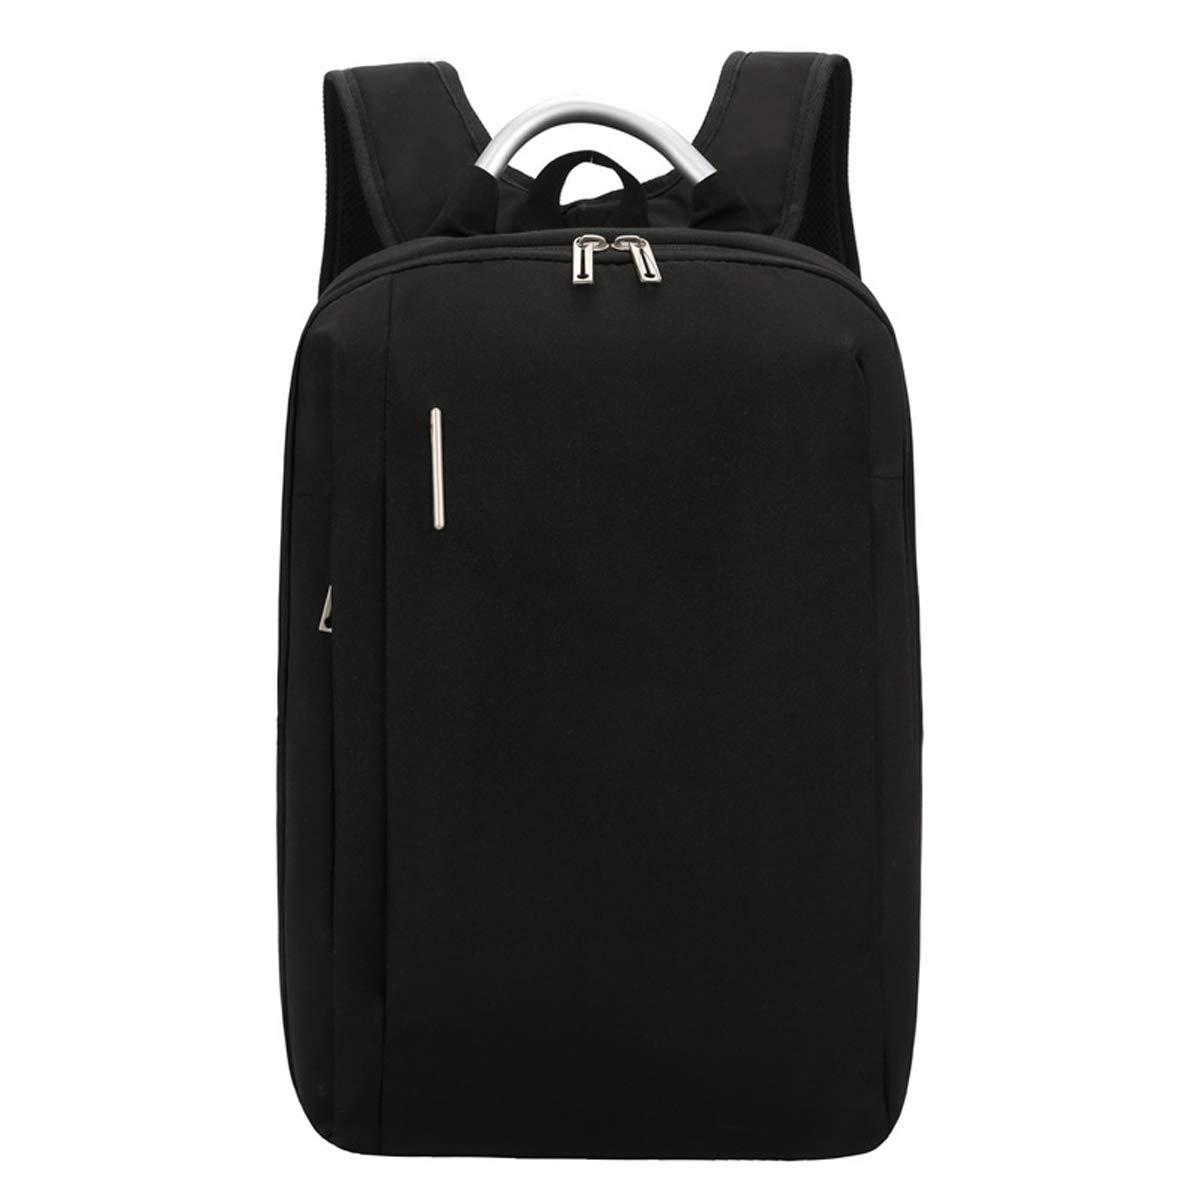 SUVZYW123 Rucksack Herren Business Multi-Funktions-Casual Rucksack Weibliche Studententasche Für Die Jugend B07PYDMGYT Daypacks Berühmter Laden